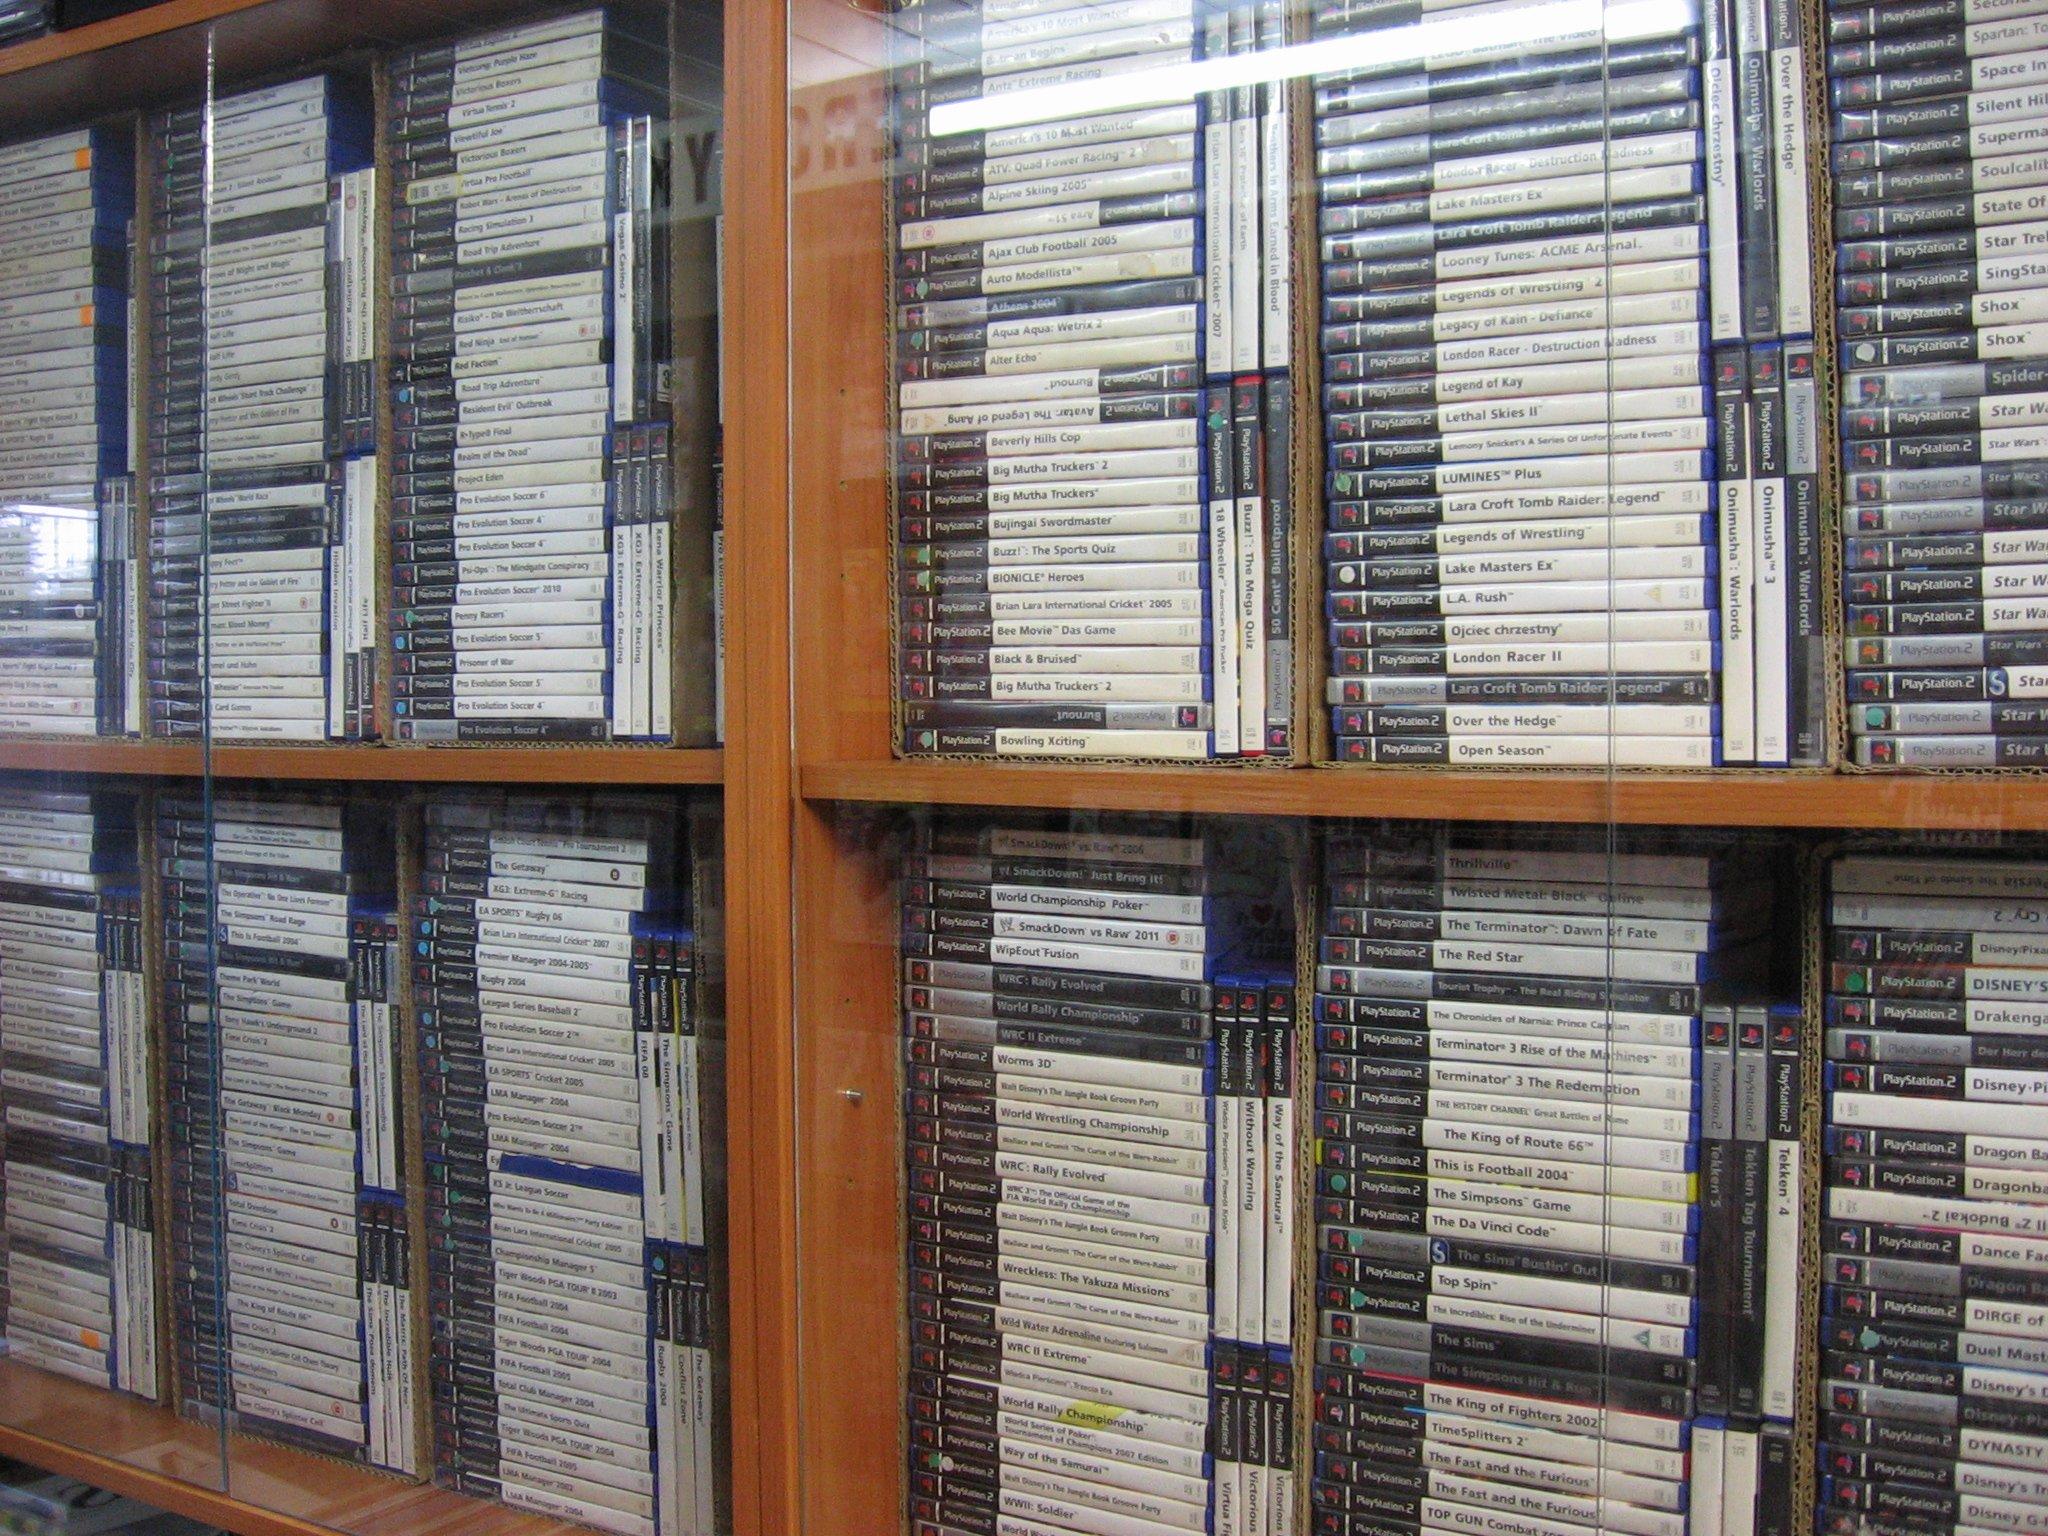 Sprzedaż i wymiana gier na konsole PS2 - Opole